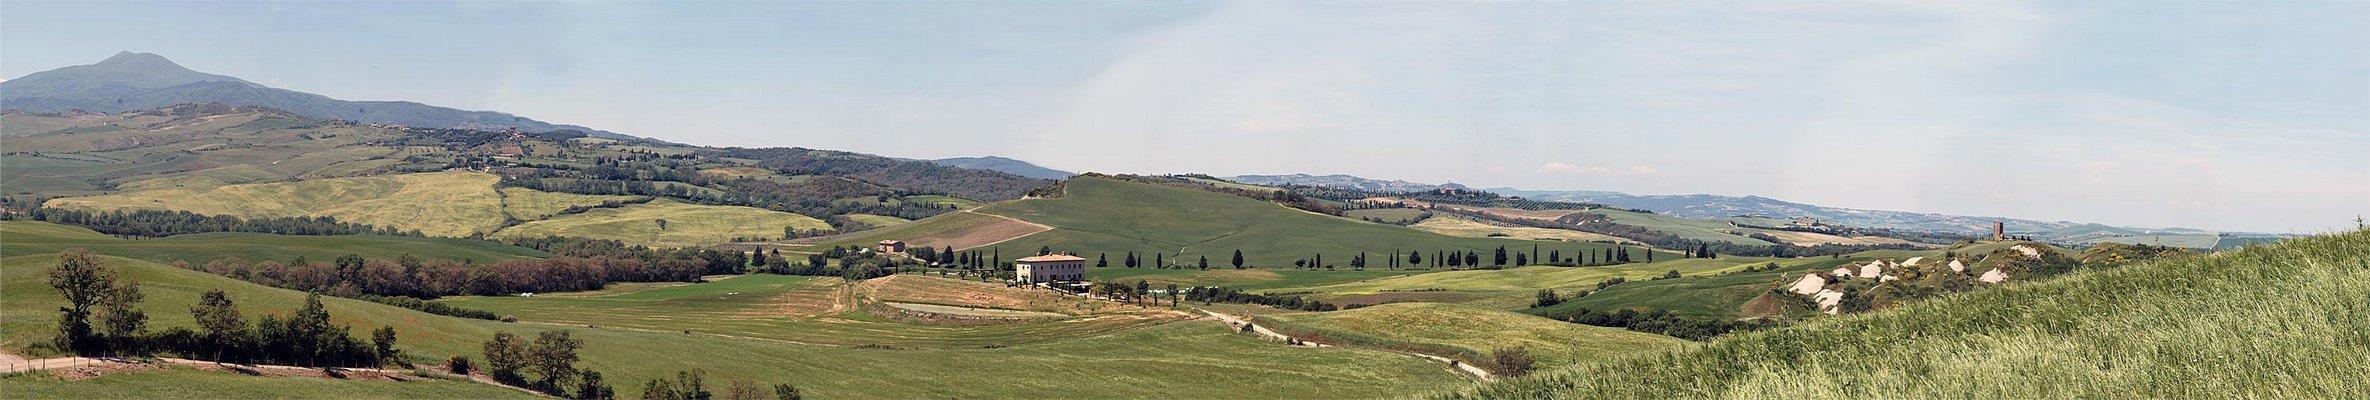 Cacciamici - Panorama